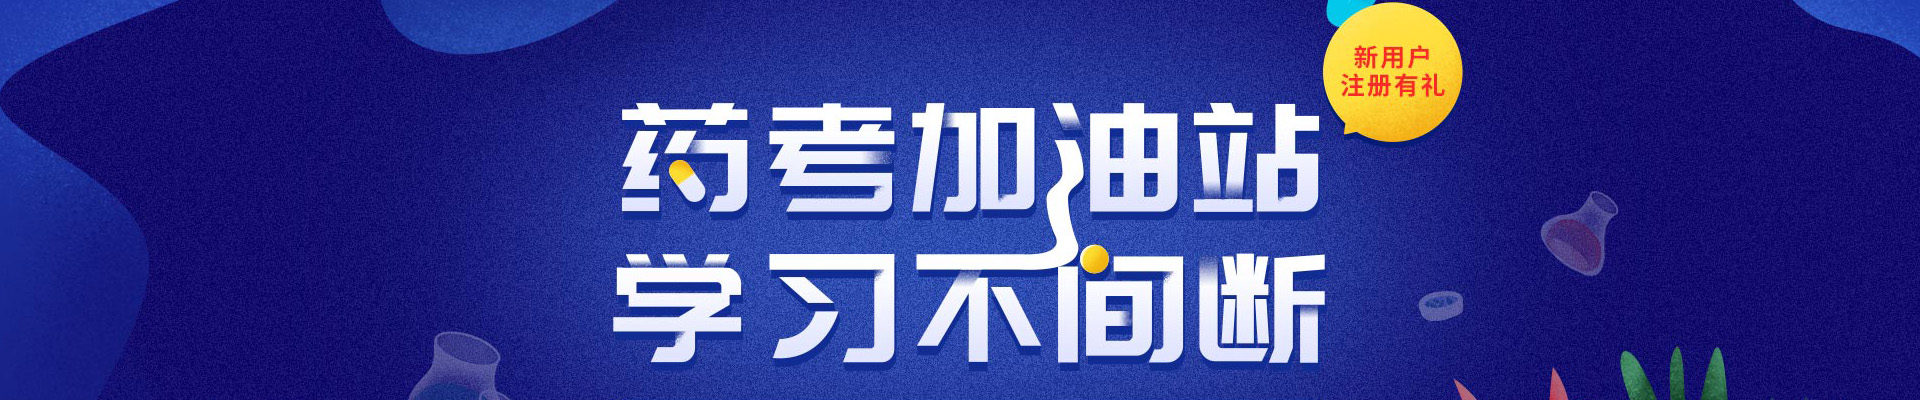 上海徐汇优路教育培训学校